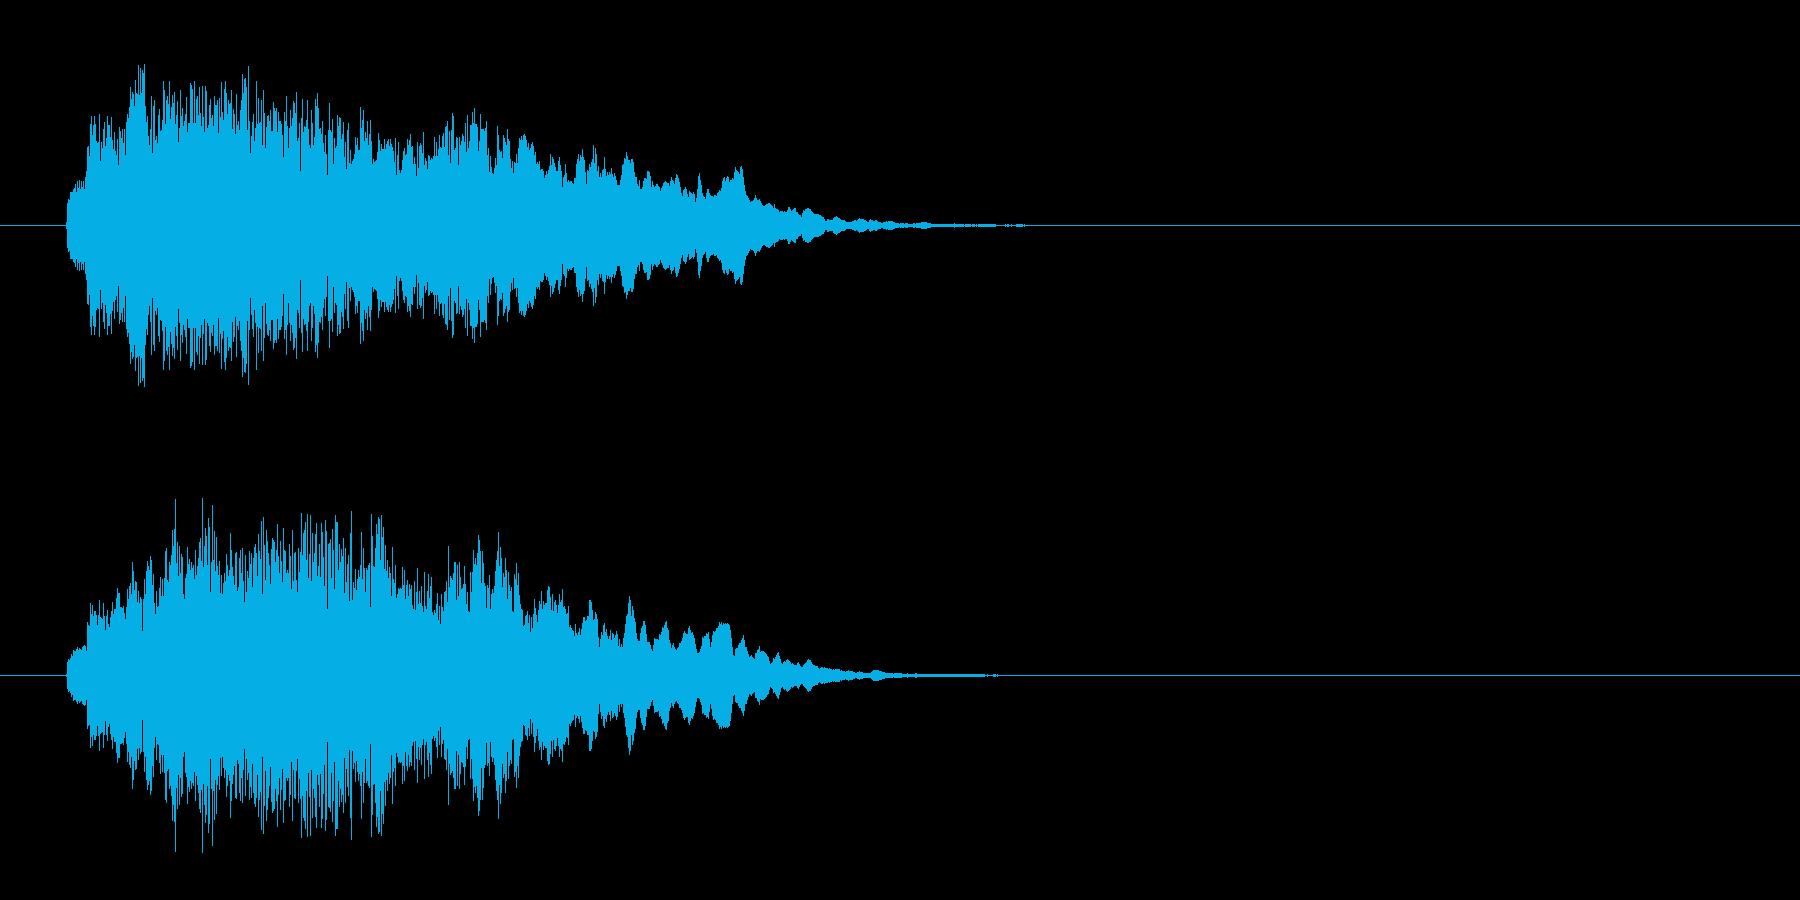 場面転換ジングルの再生済みの波形